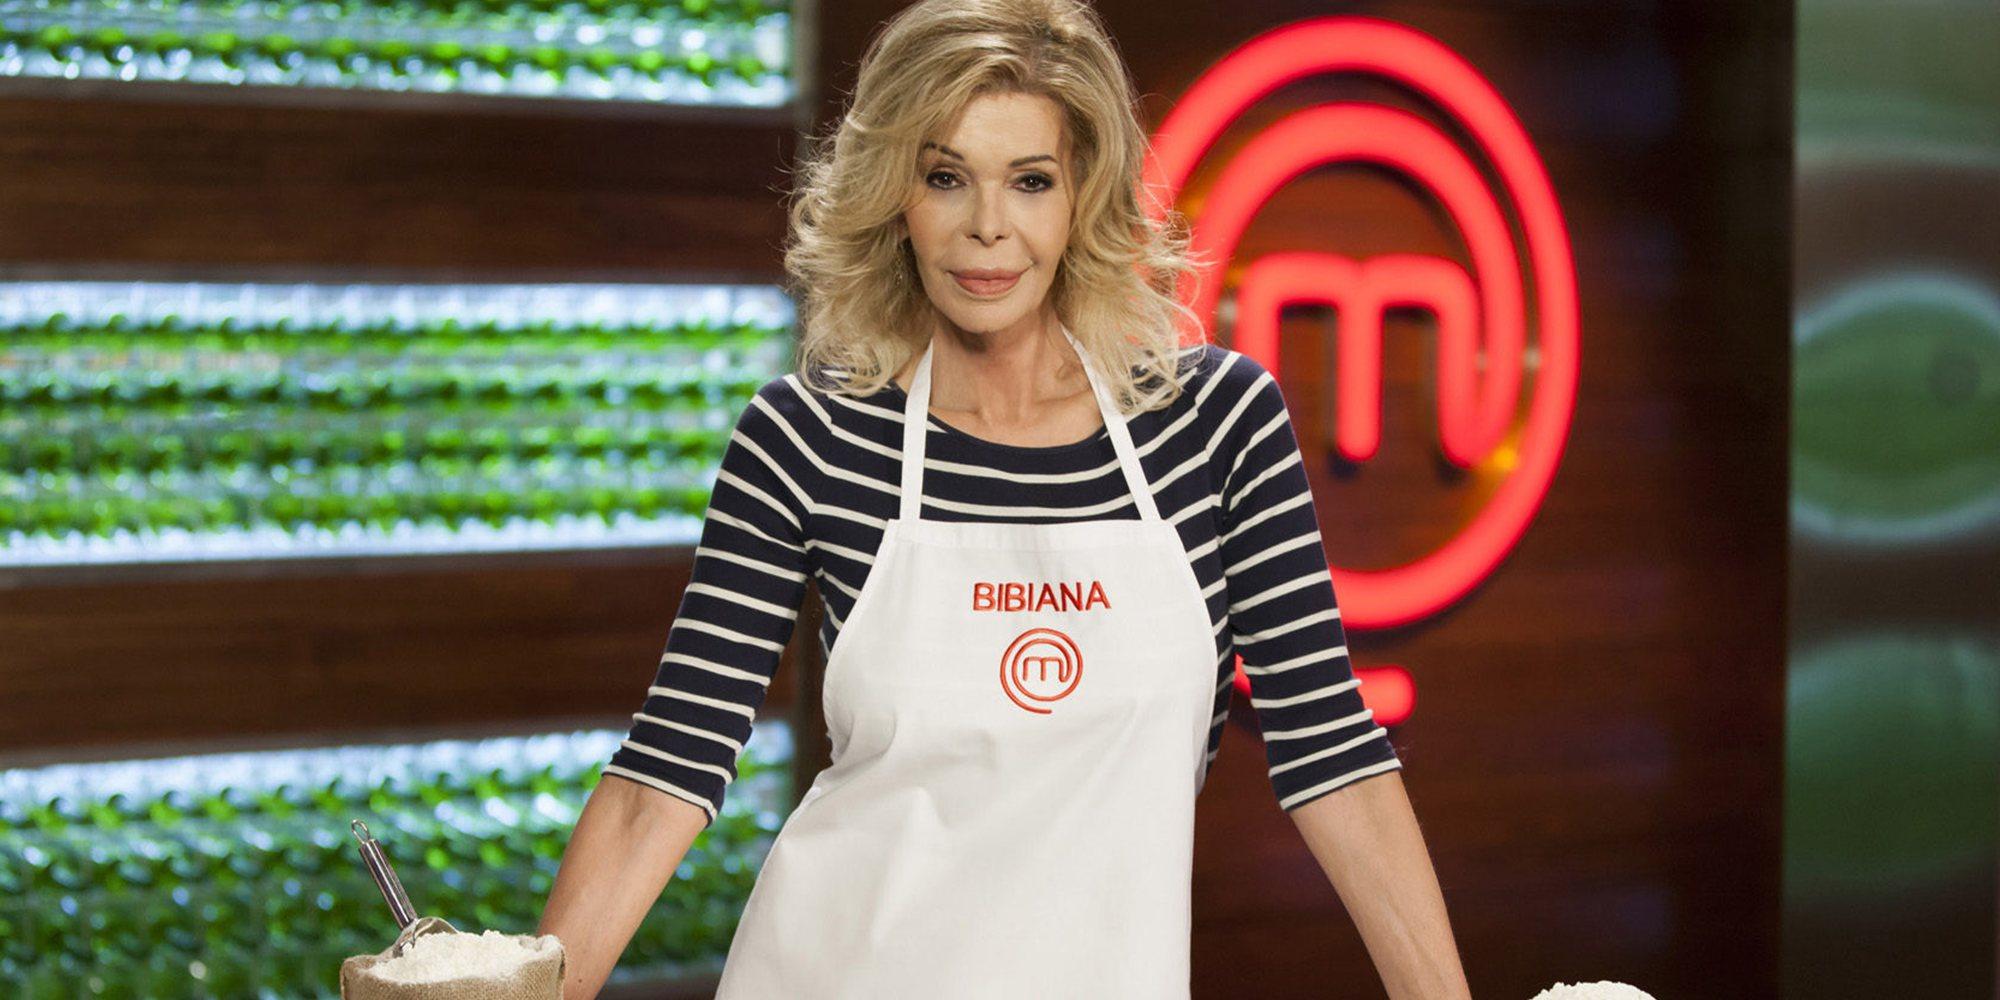 Así ha sido el regreso de Bibiana Fernández a 'MasterChef 6' como ayudante de Fabio con mímica incluida